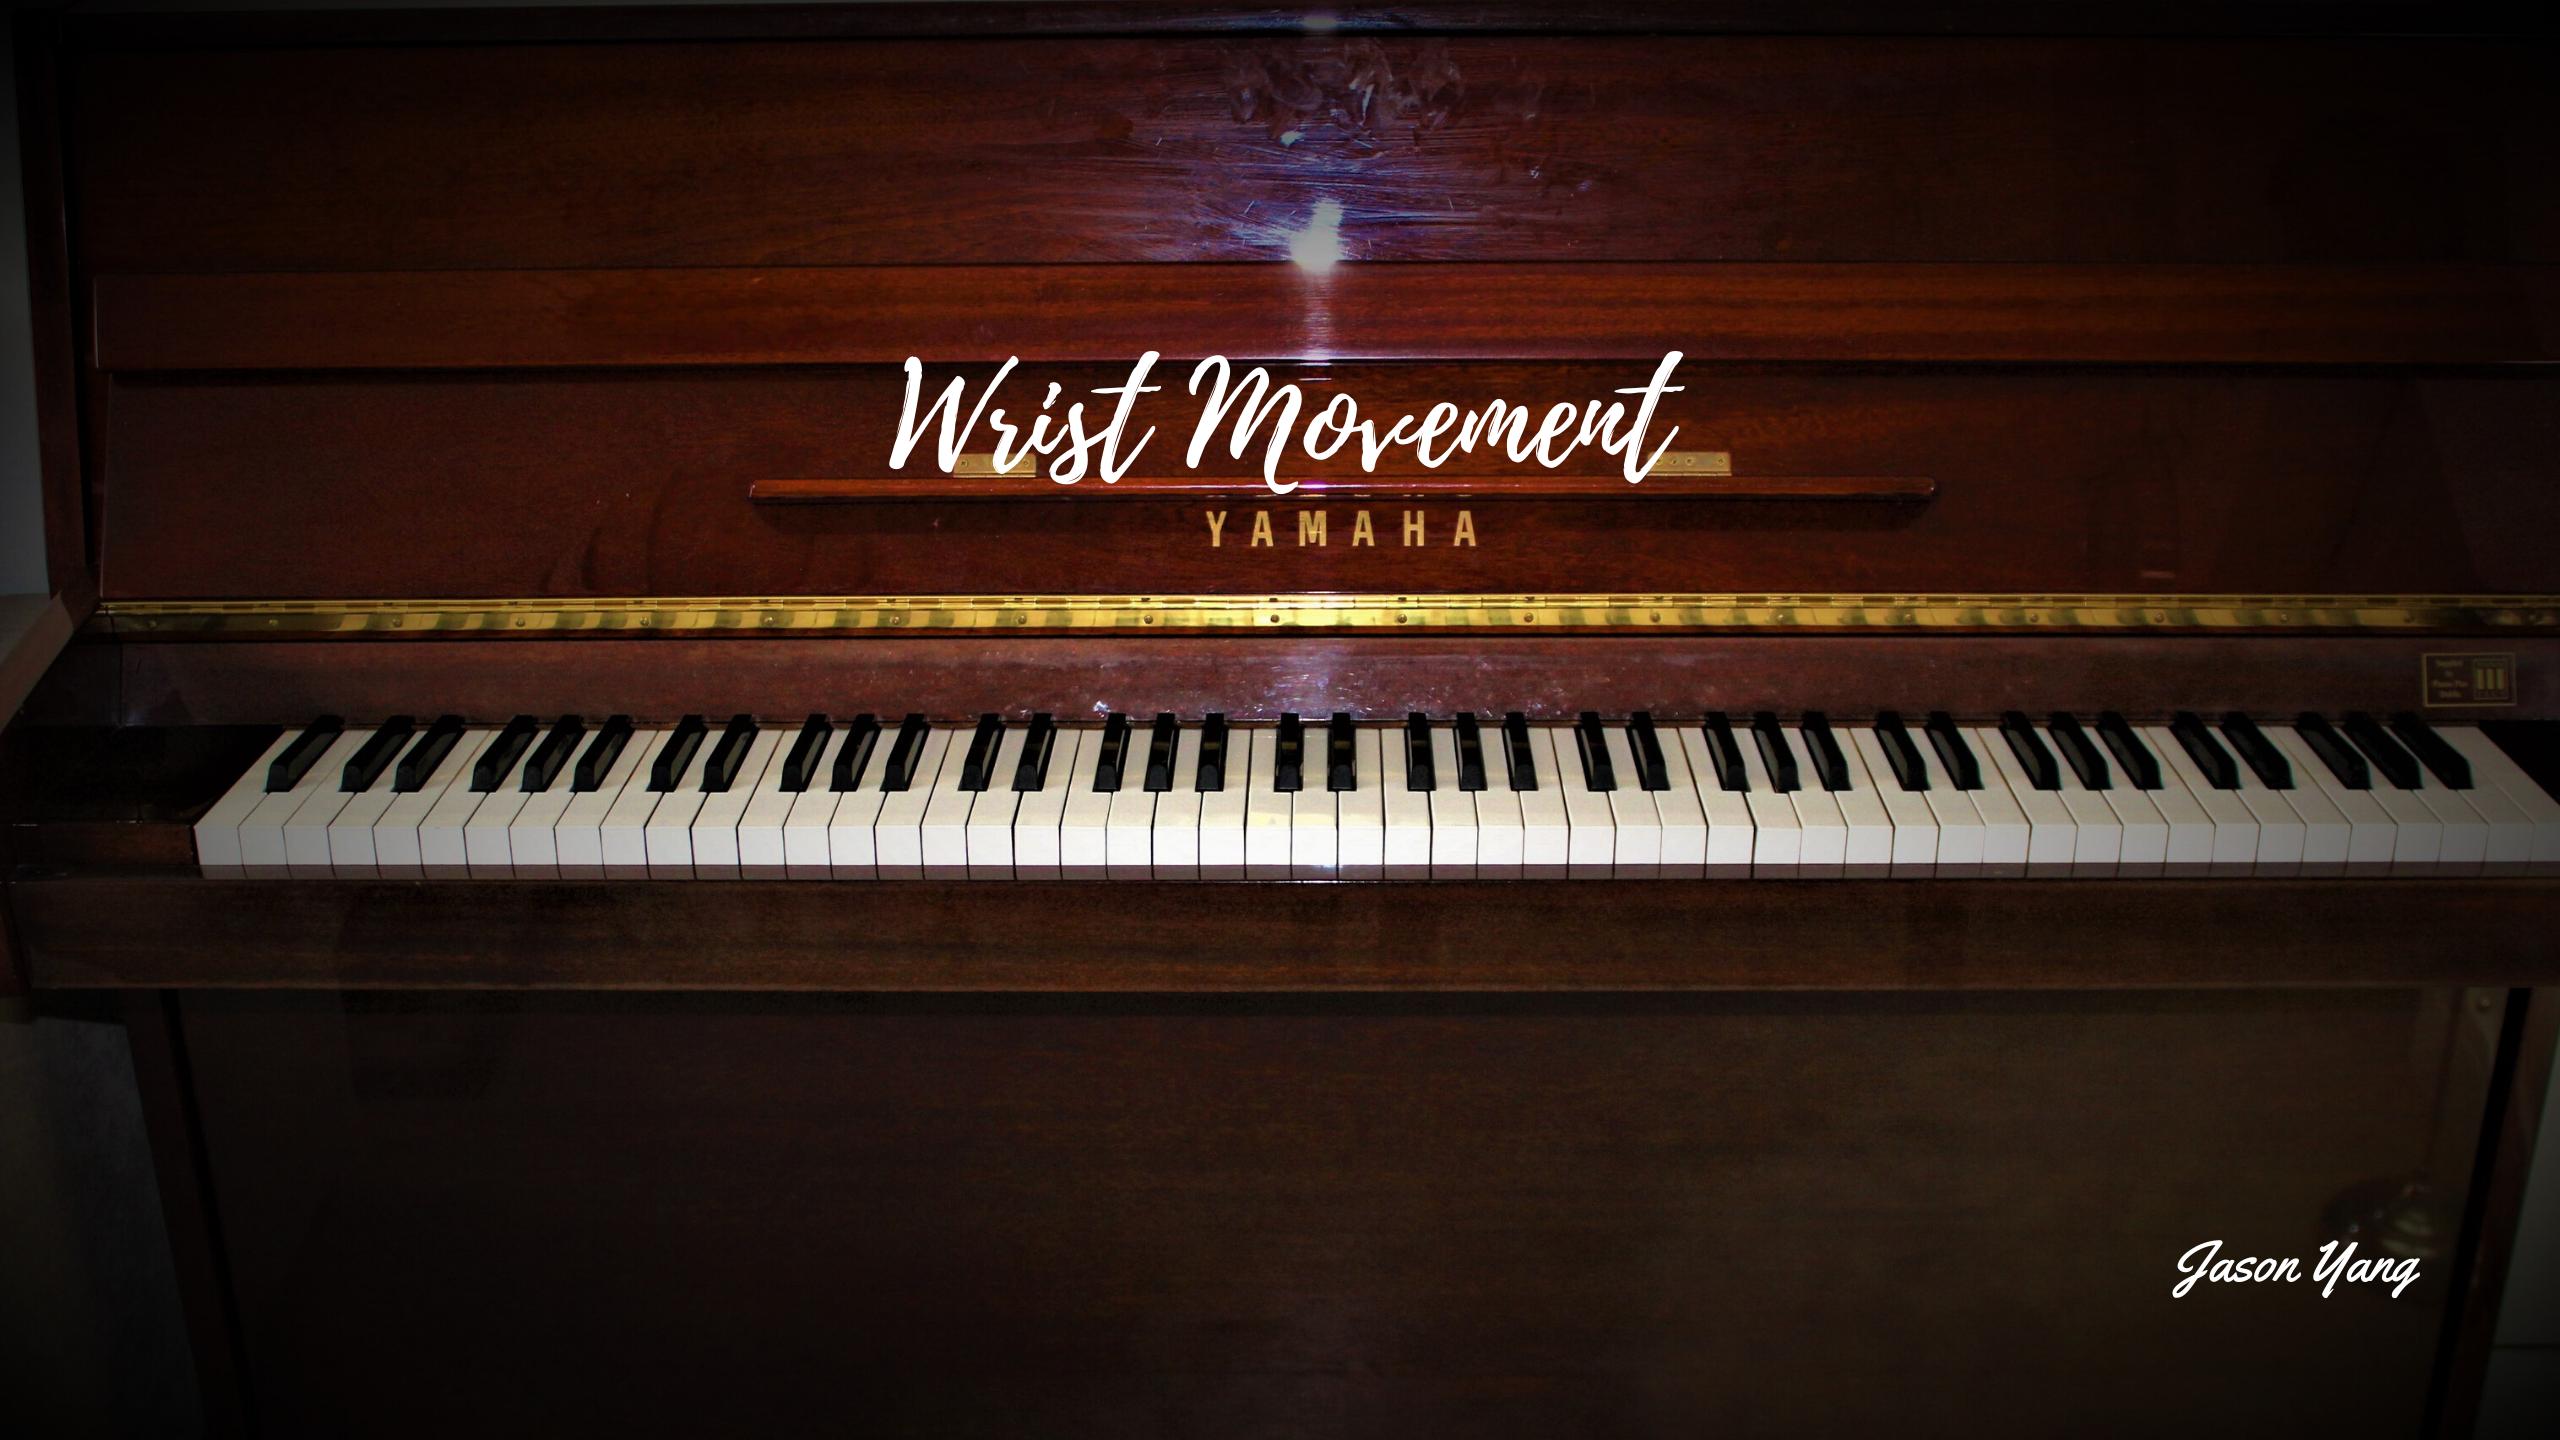 Wrist Movement - Jason Yang Pianist